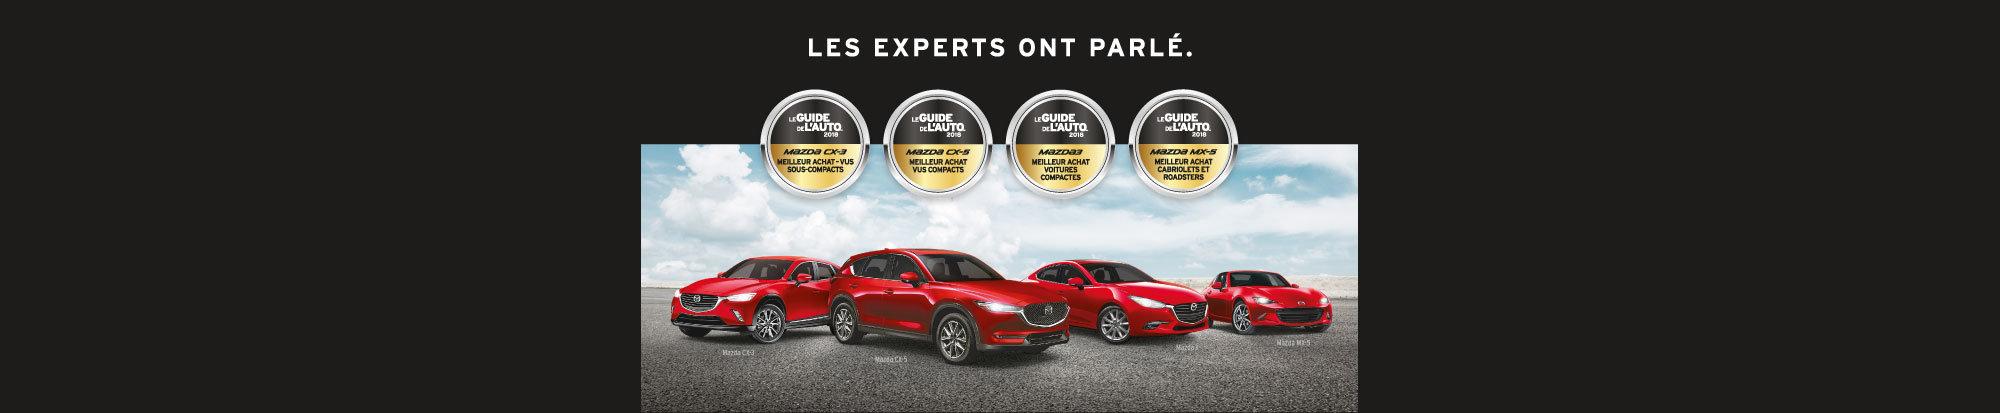 Mazda guide de l'auto 2018 web